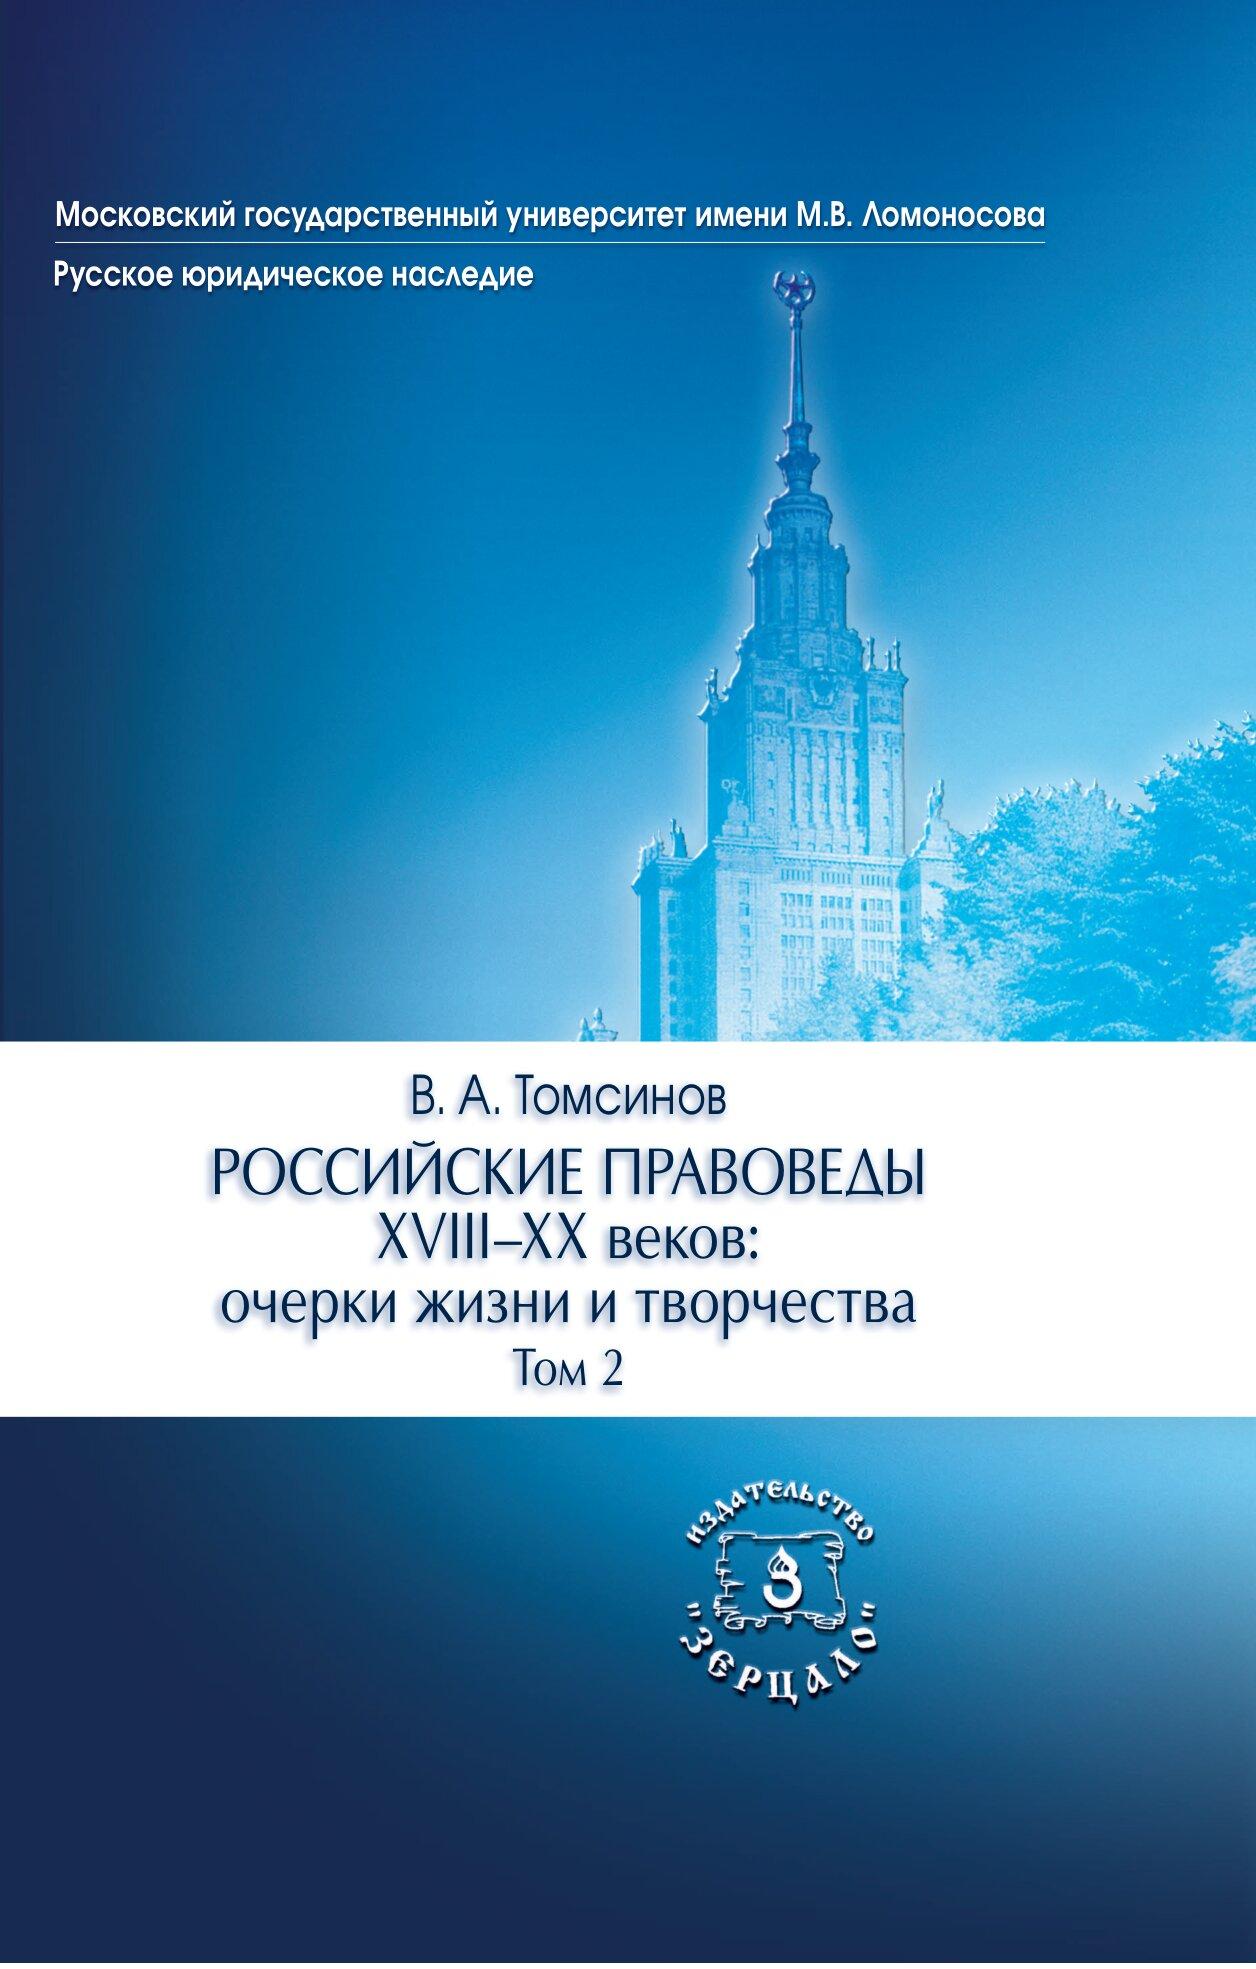 Российские правоведы XVIII–XX веков. Том 2